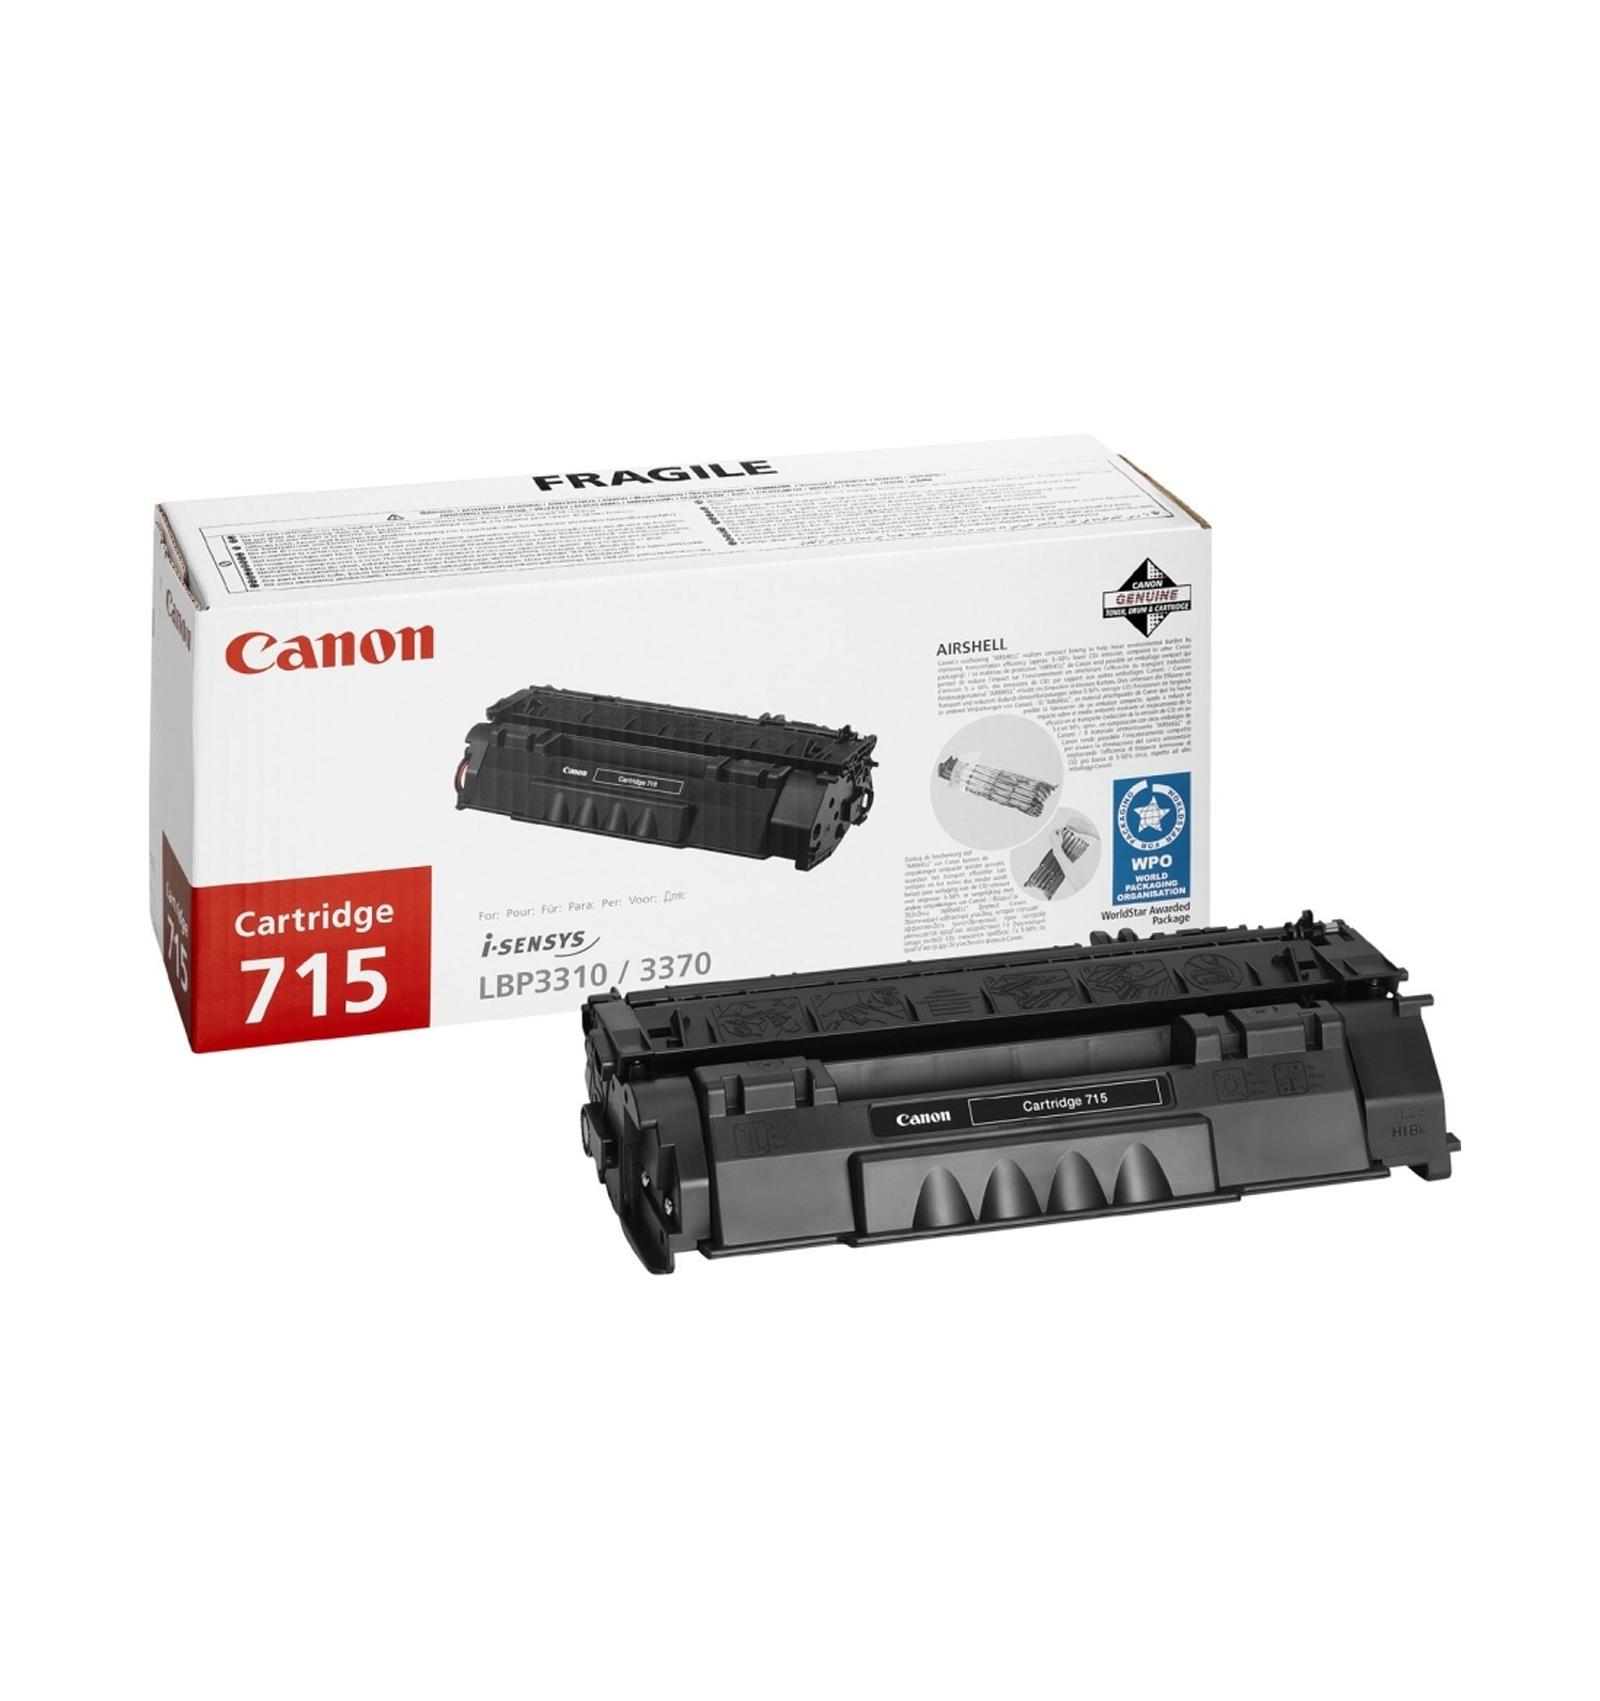 Заправка тонером картриджа Canon 715 для LBP-3310/3370